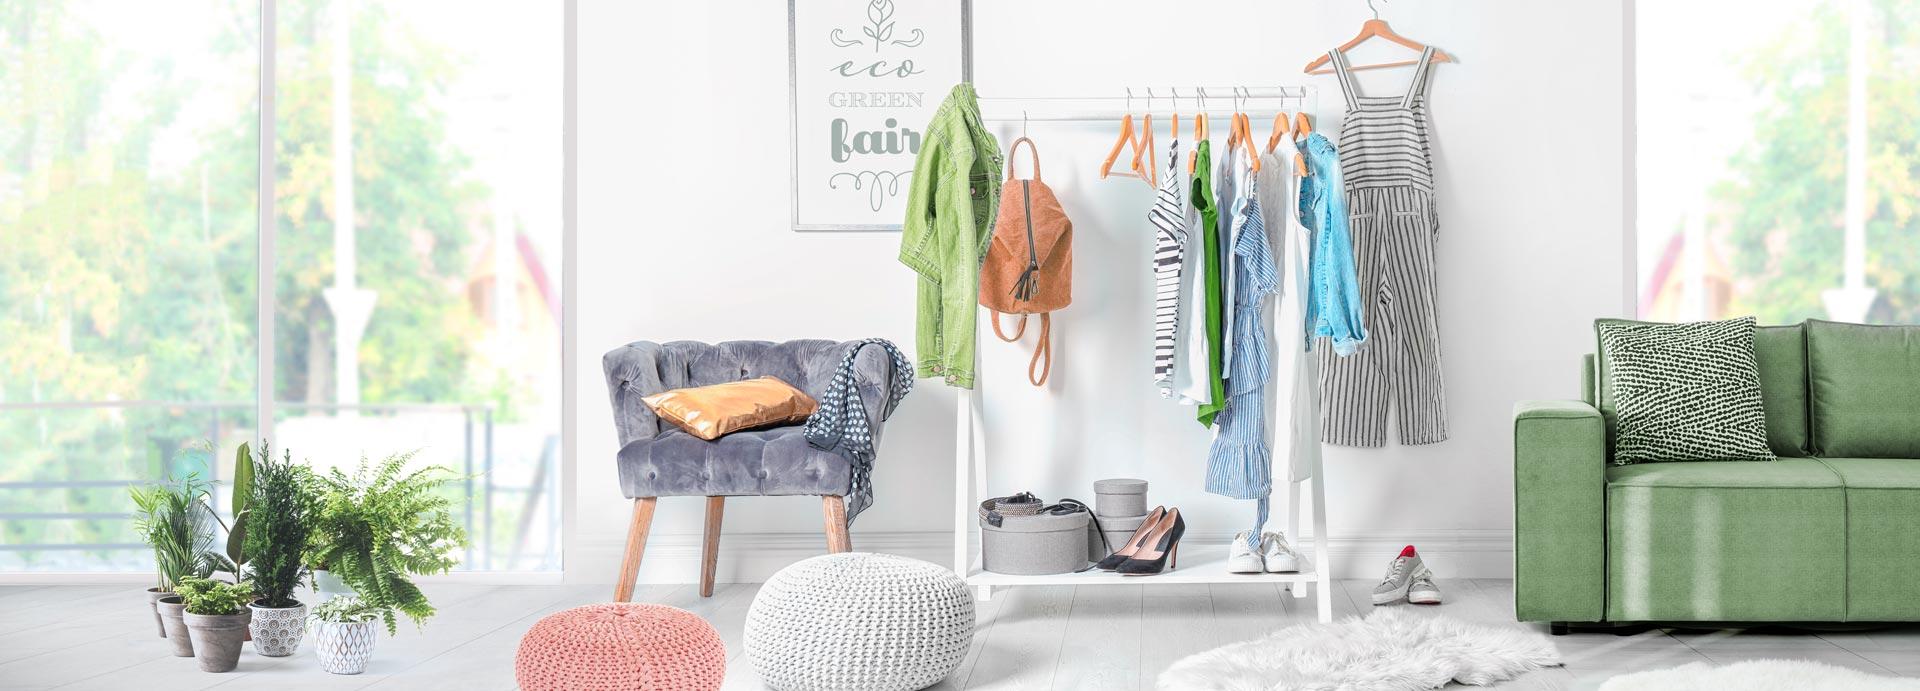 Brand moda ecosostenibile